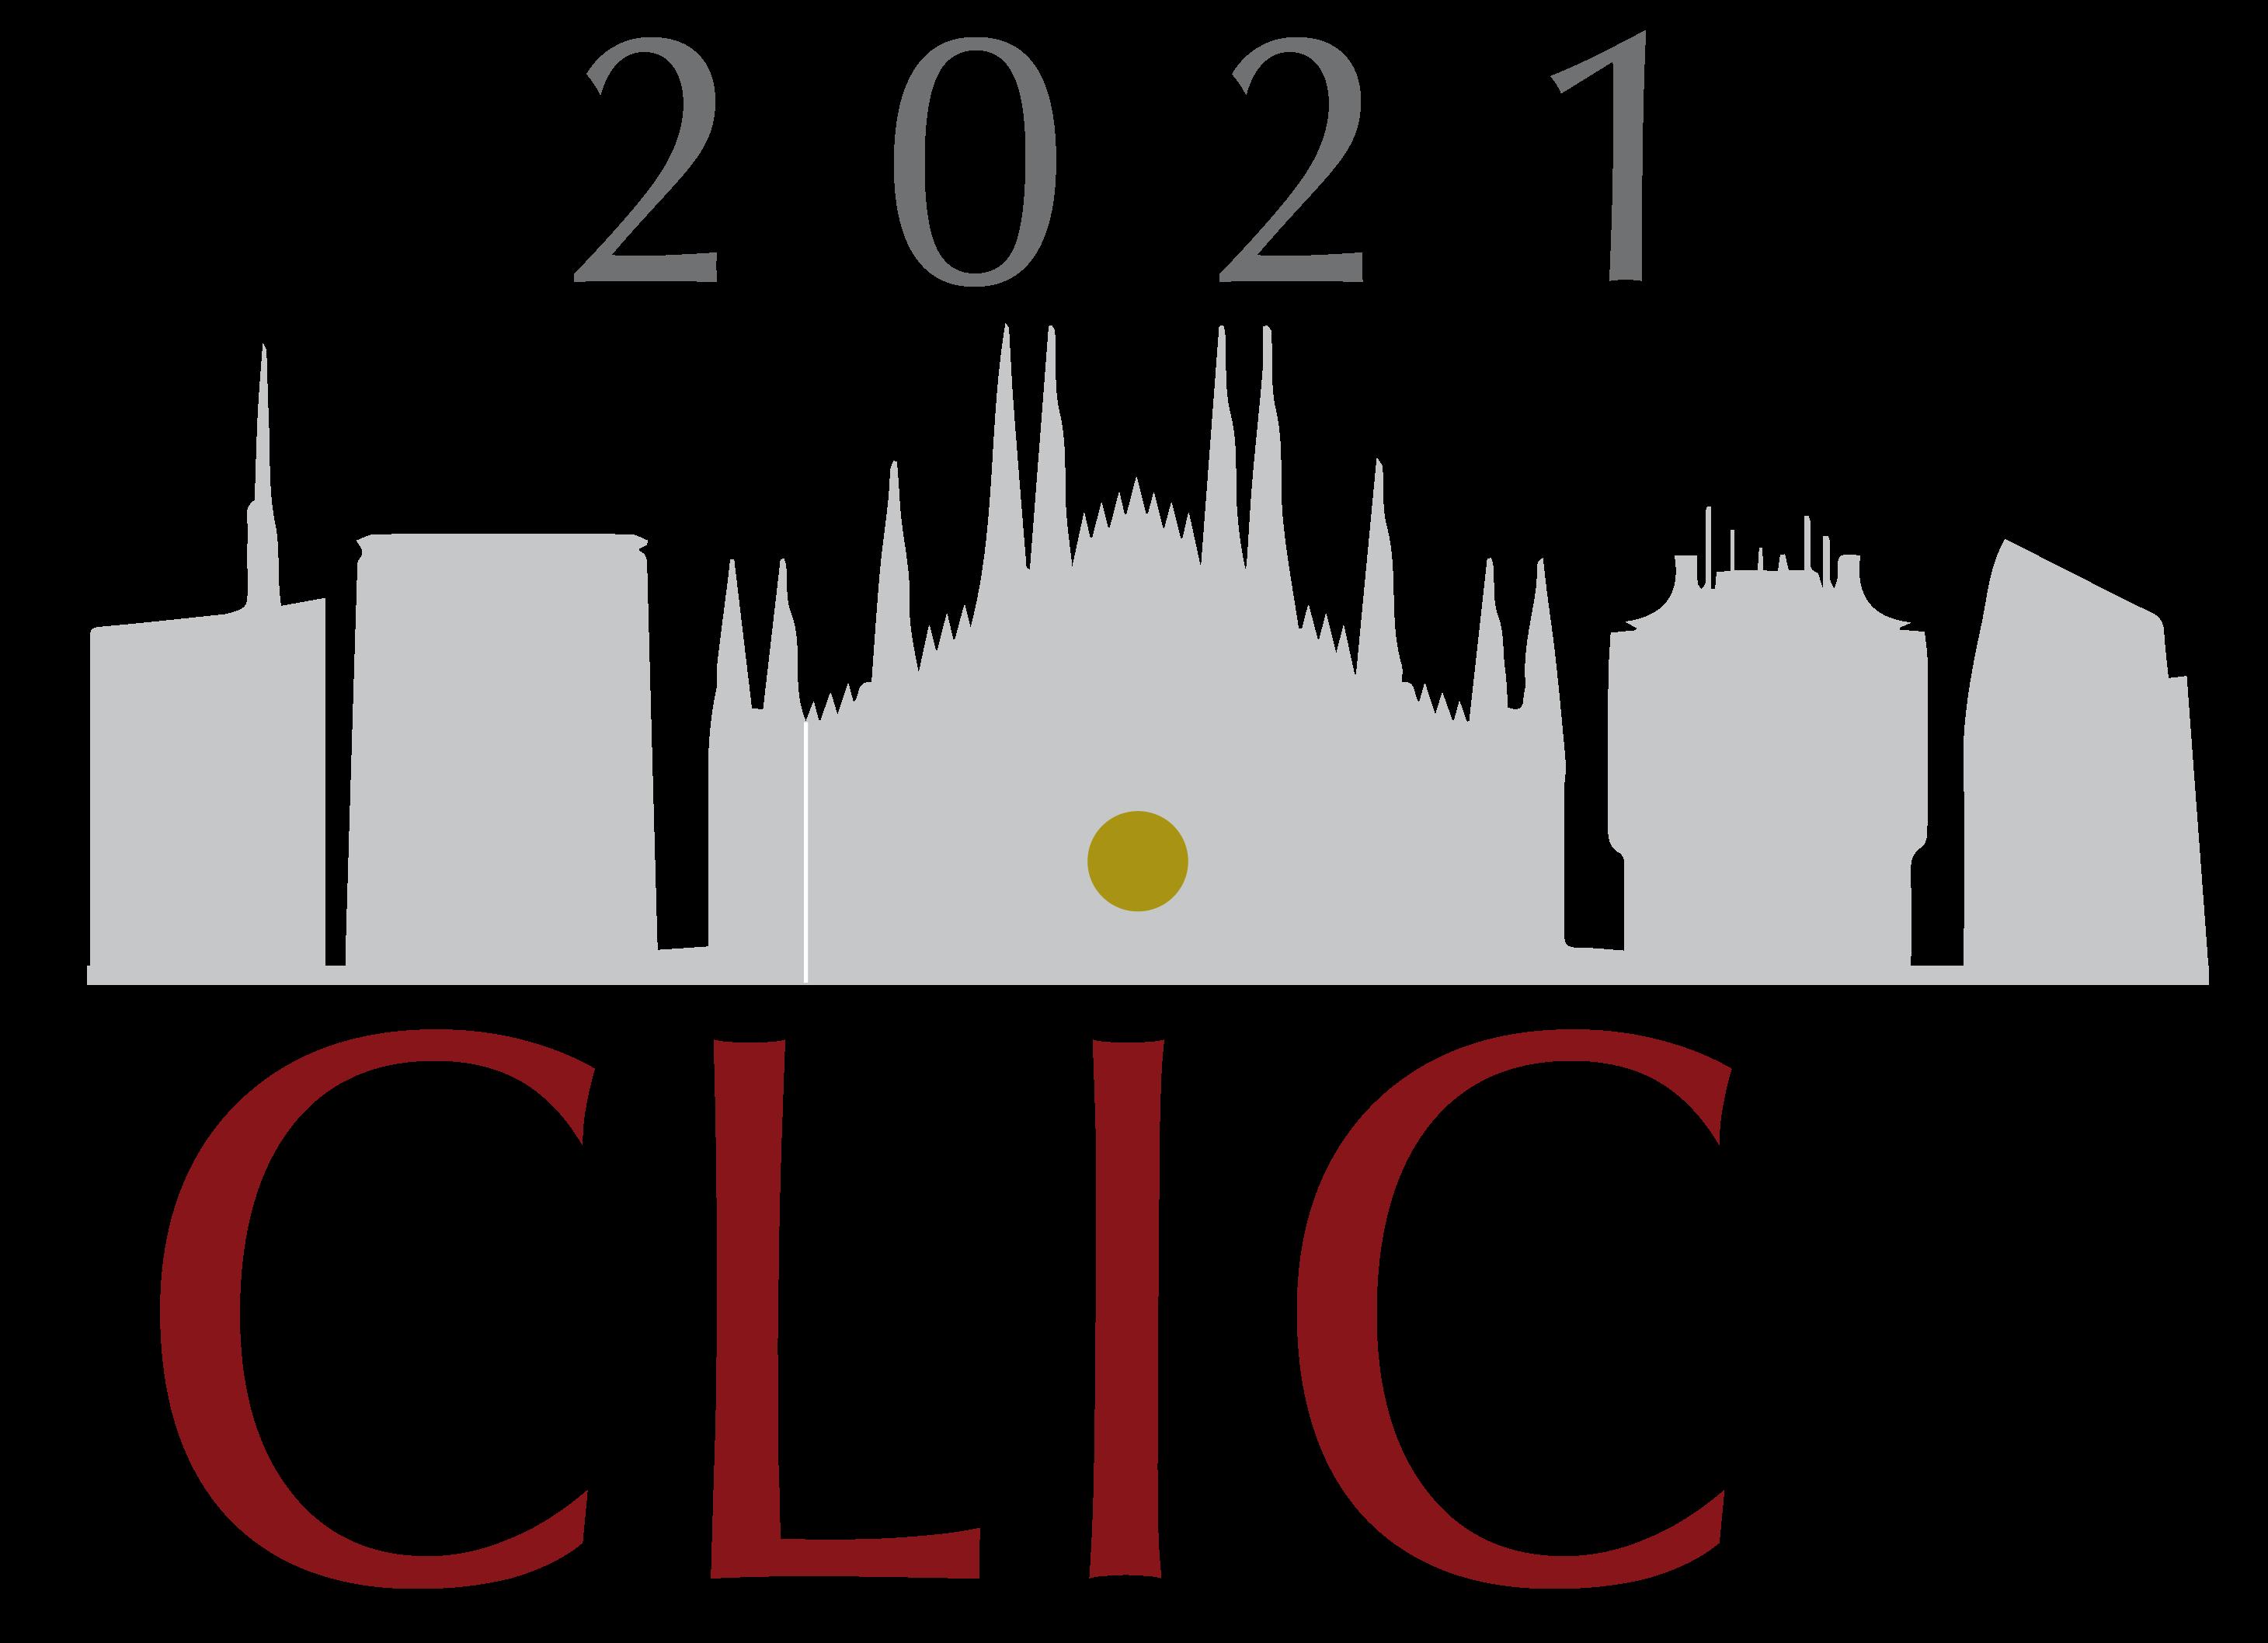 Clic2021